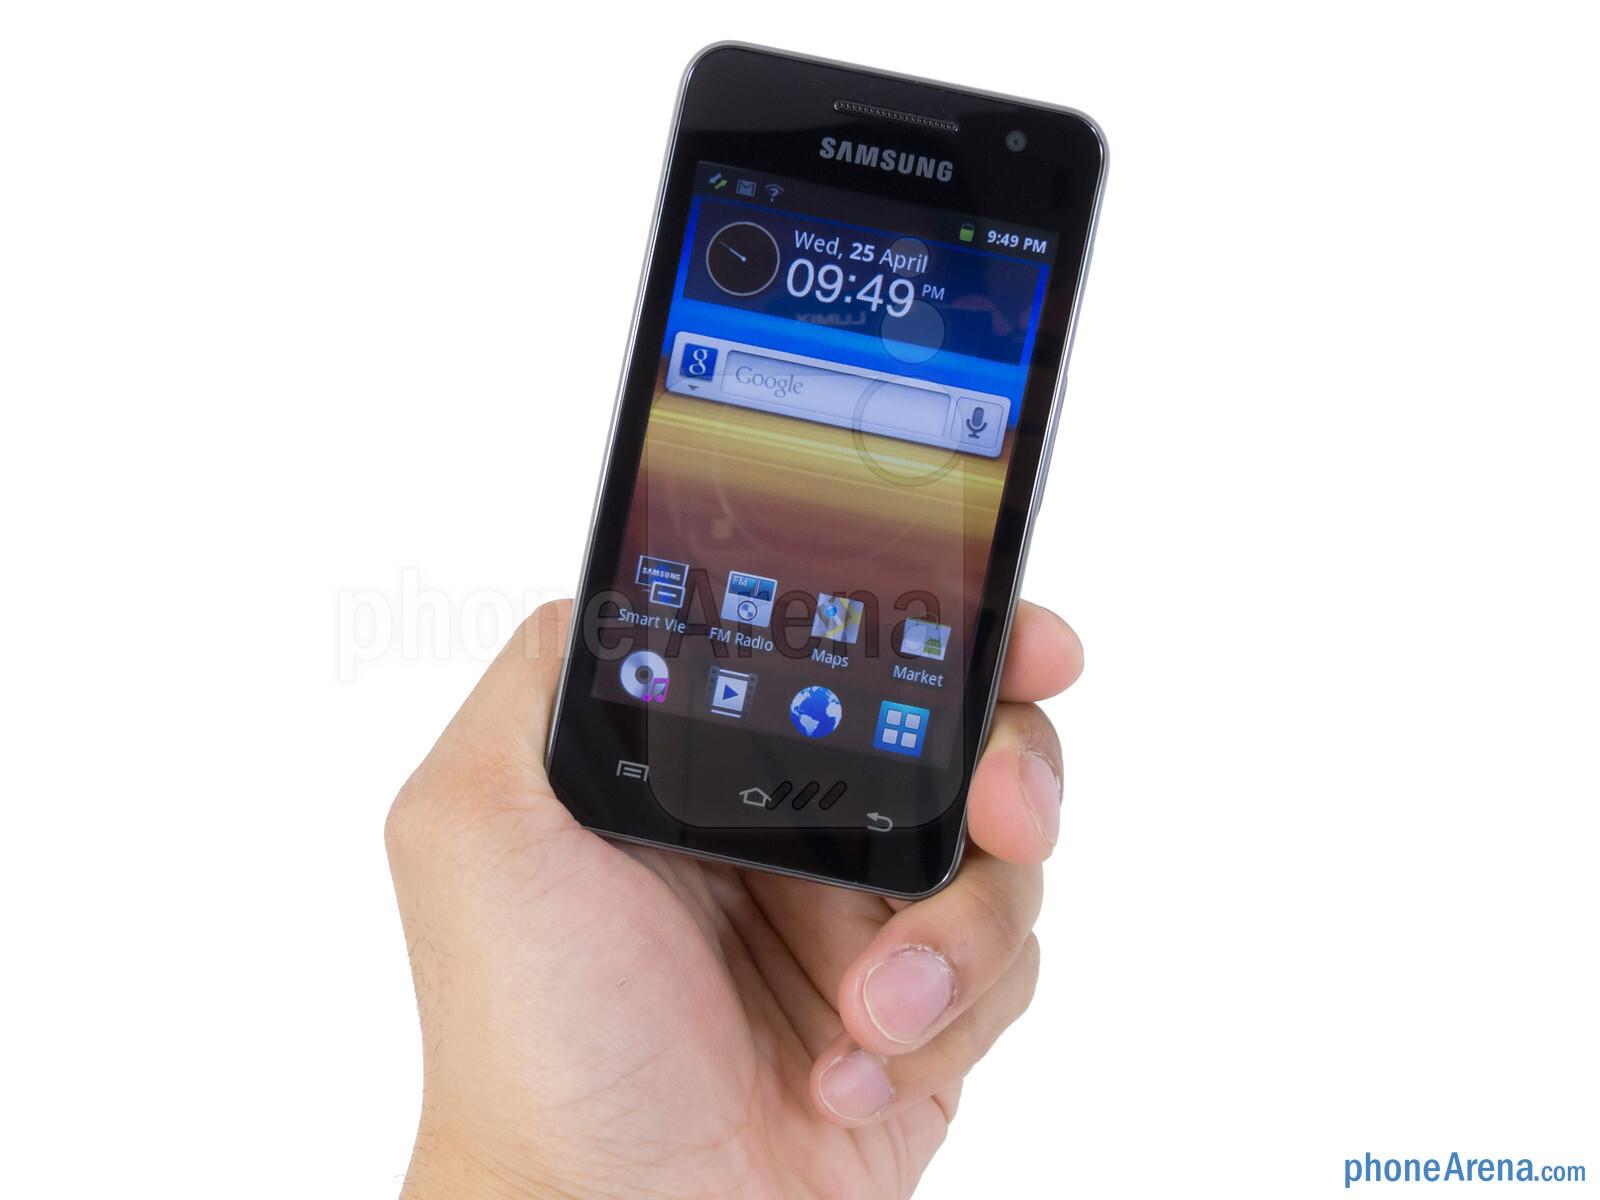 samsung galaxy player 3 6 review rh phonearena com Samsung Galaxy S4 User Tips Galaxy Tab 3 Samsung ManualsOnline